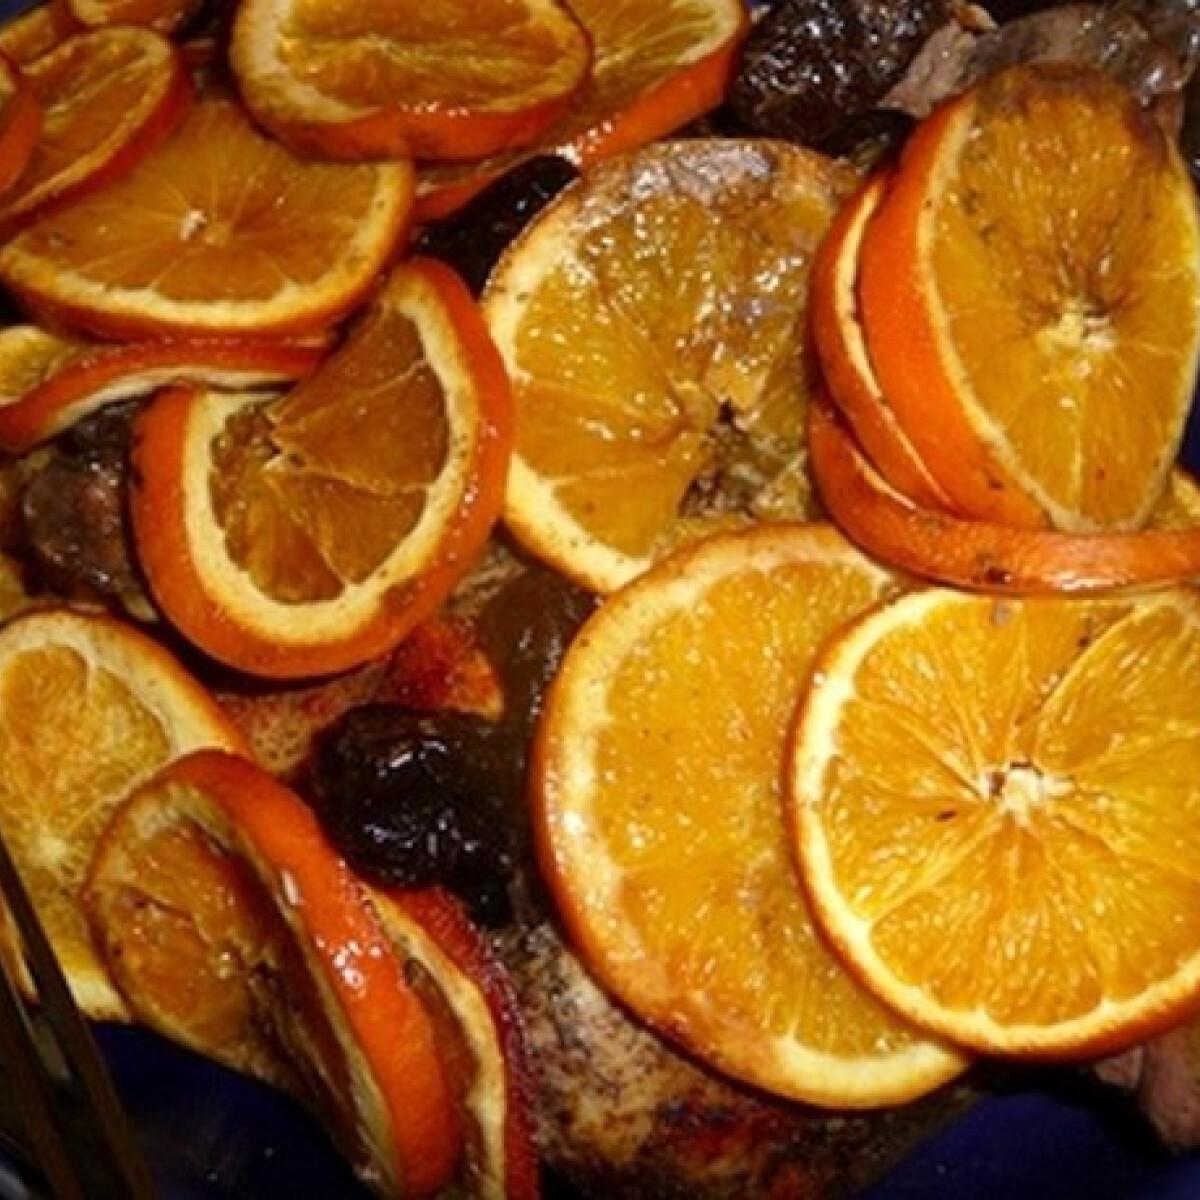 Ezen a képen: Narancsos csirke aszalt szilvával